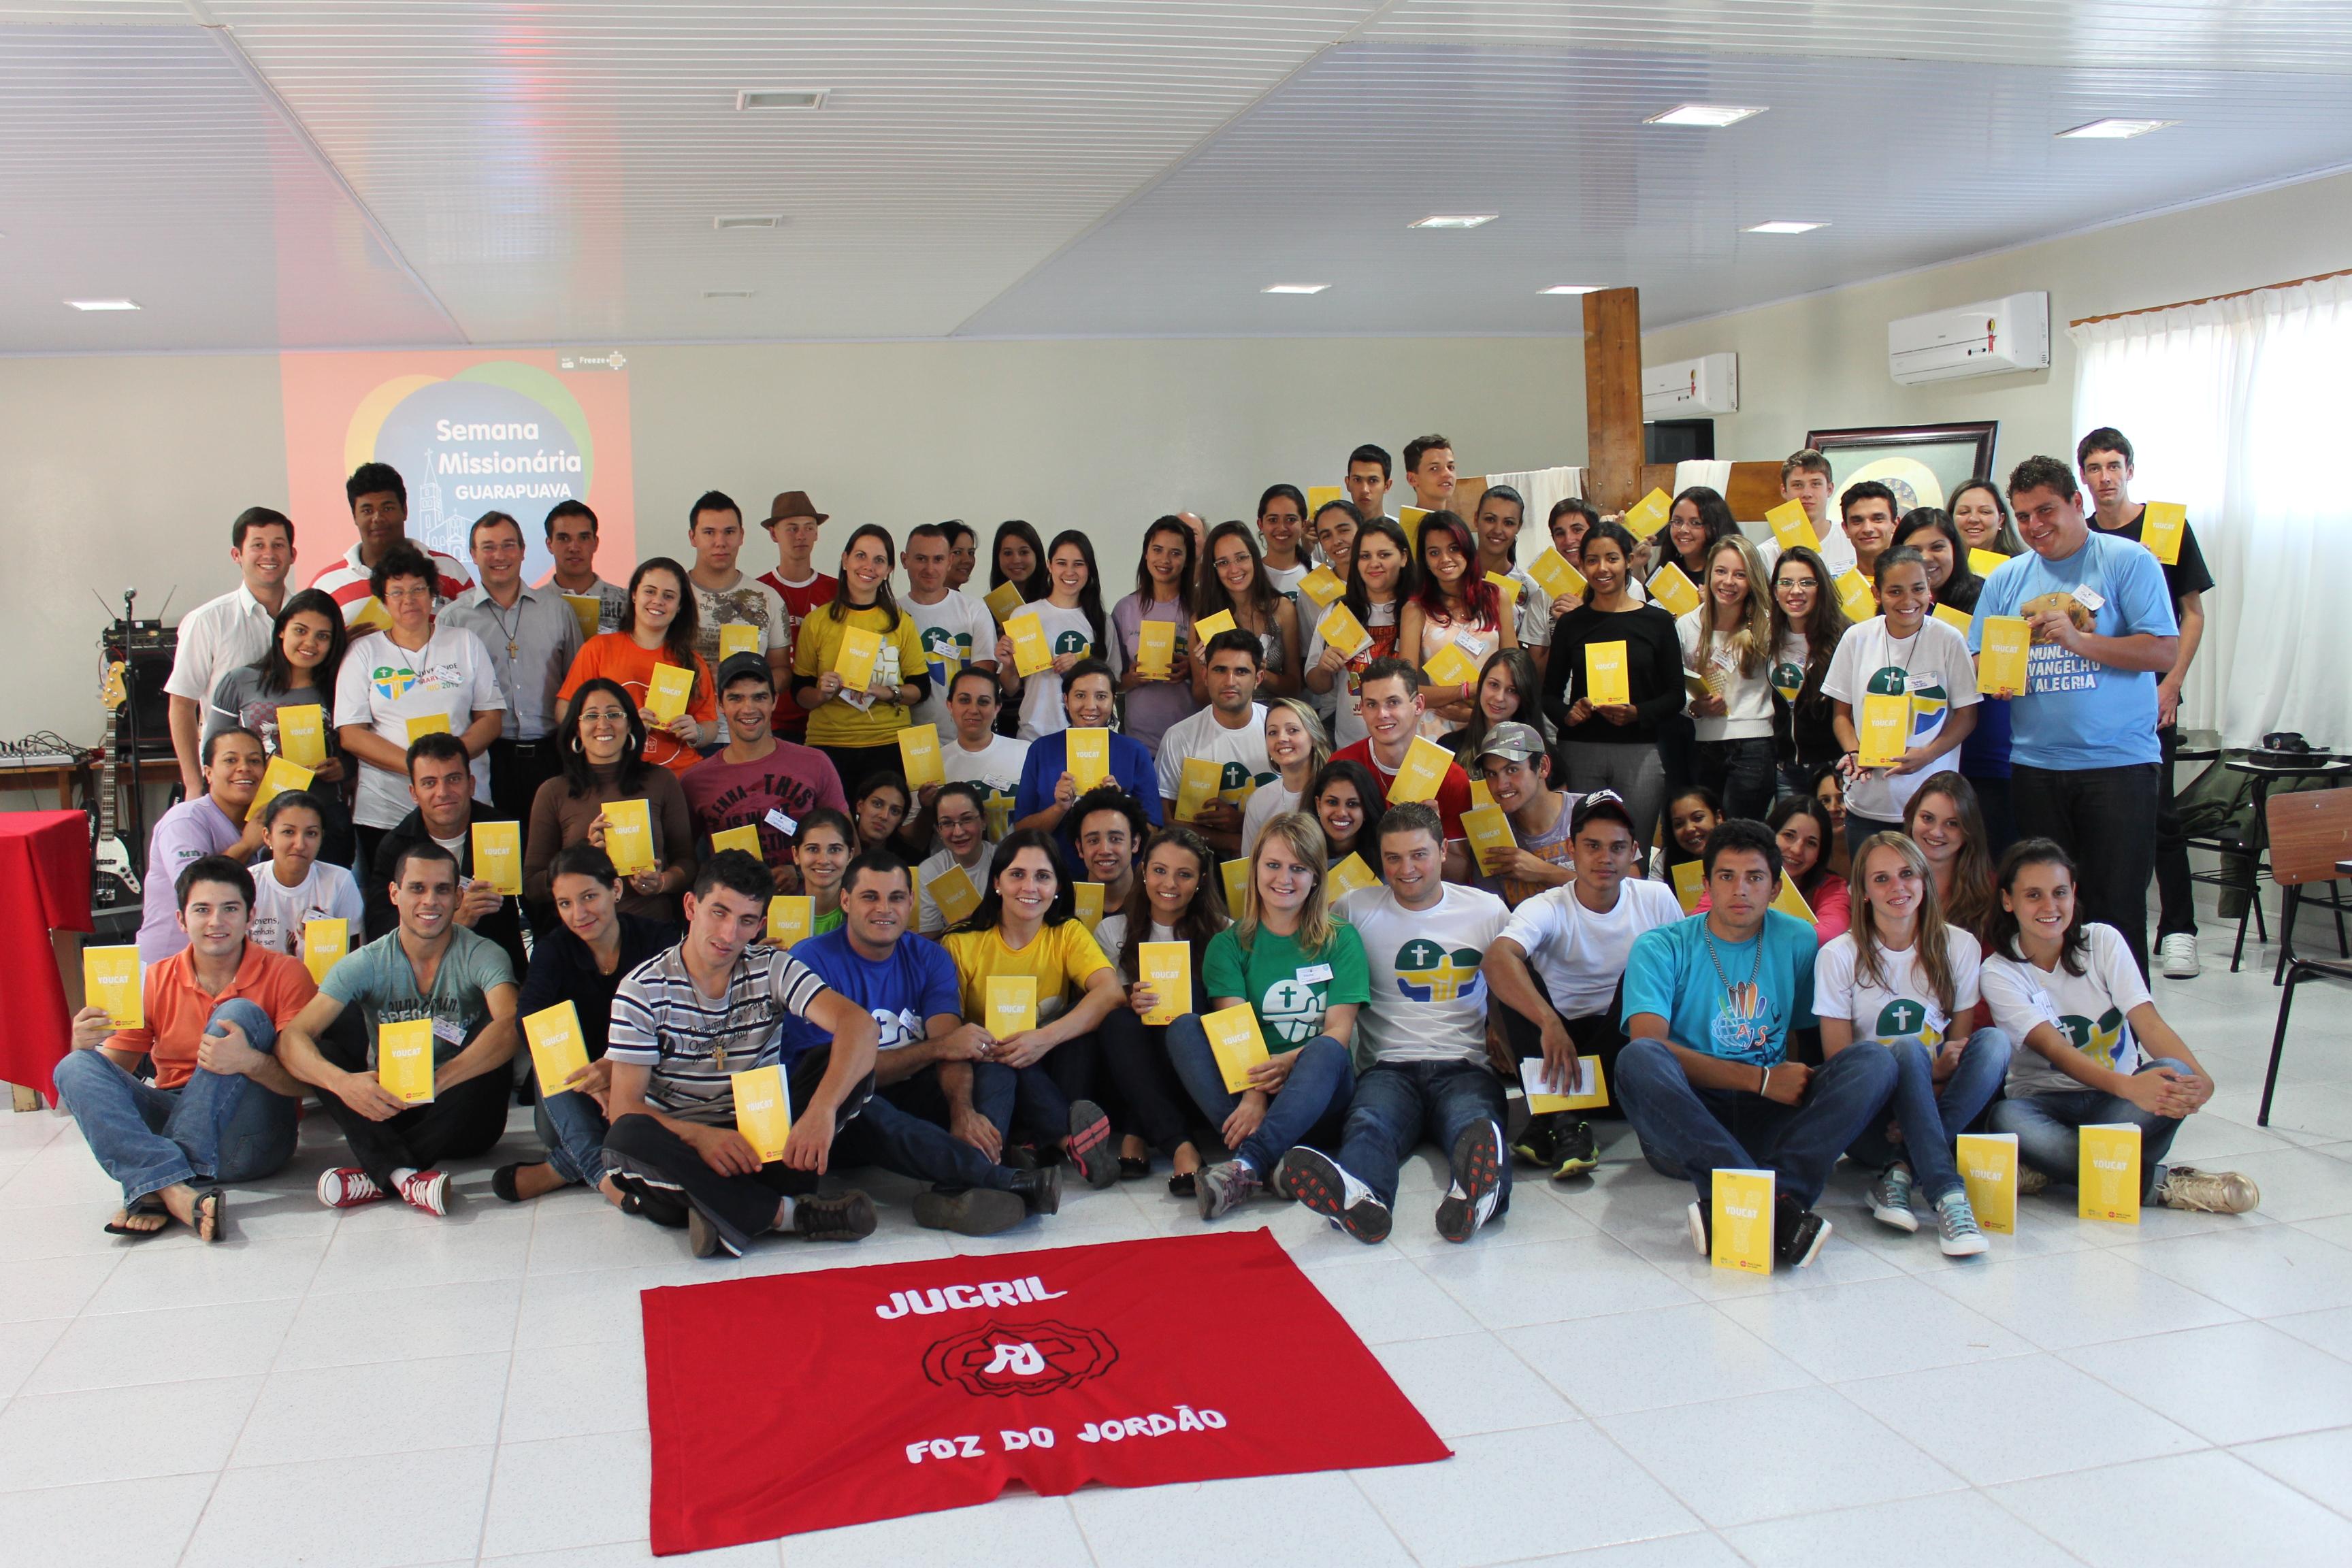 Jovens da Diocese de Guarapuava se reúnem para preparar a Semana Missionária